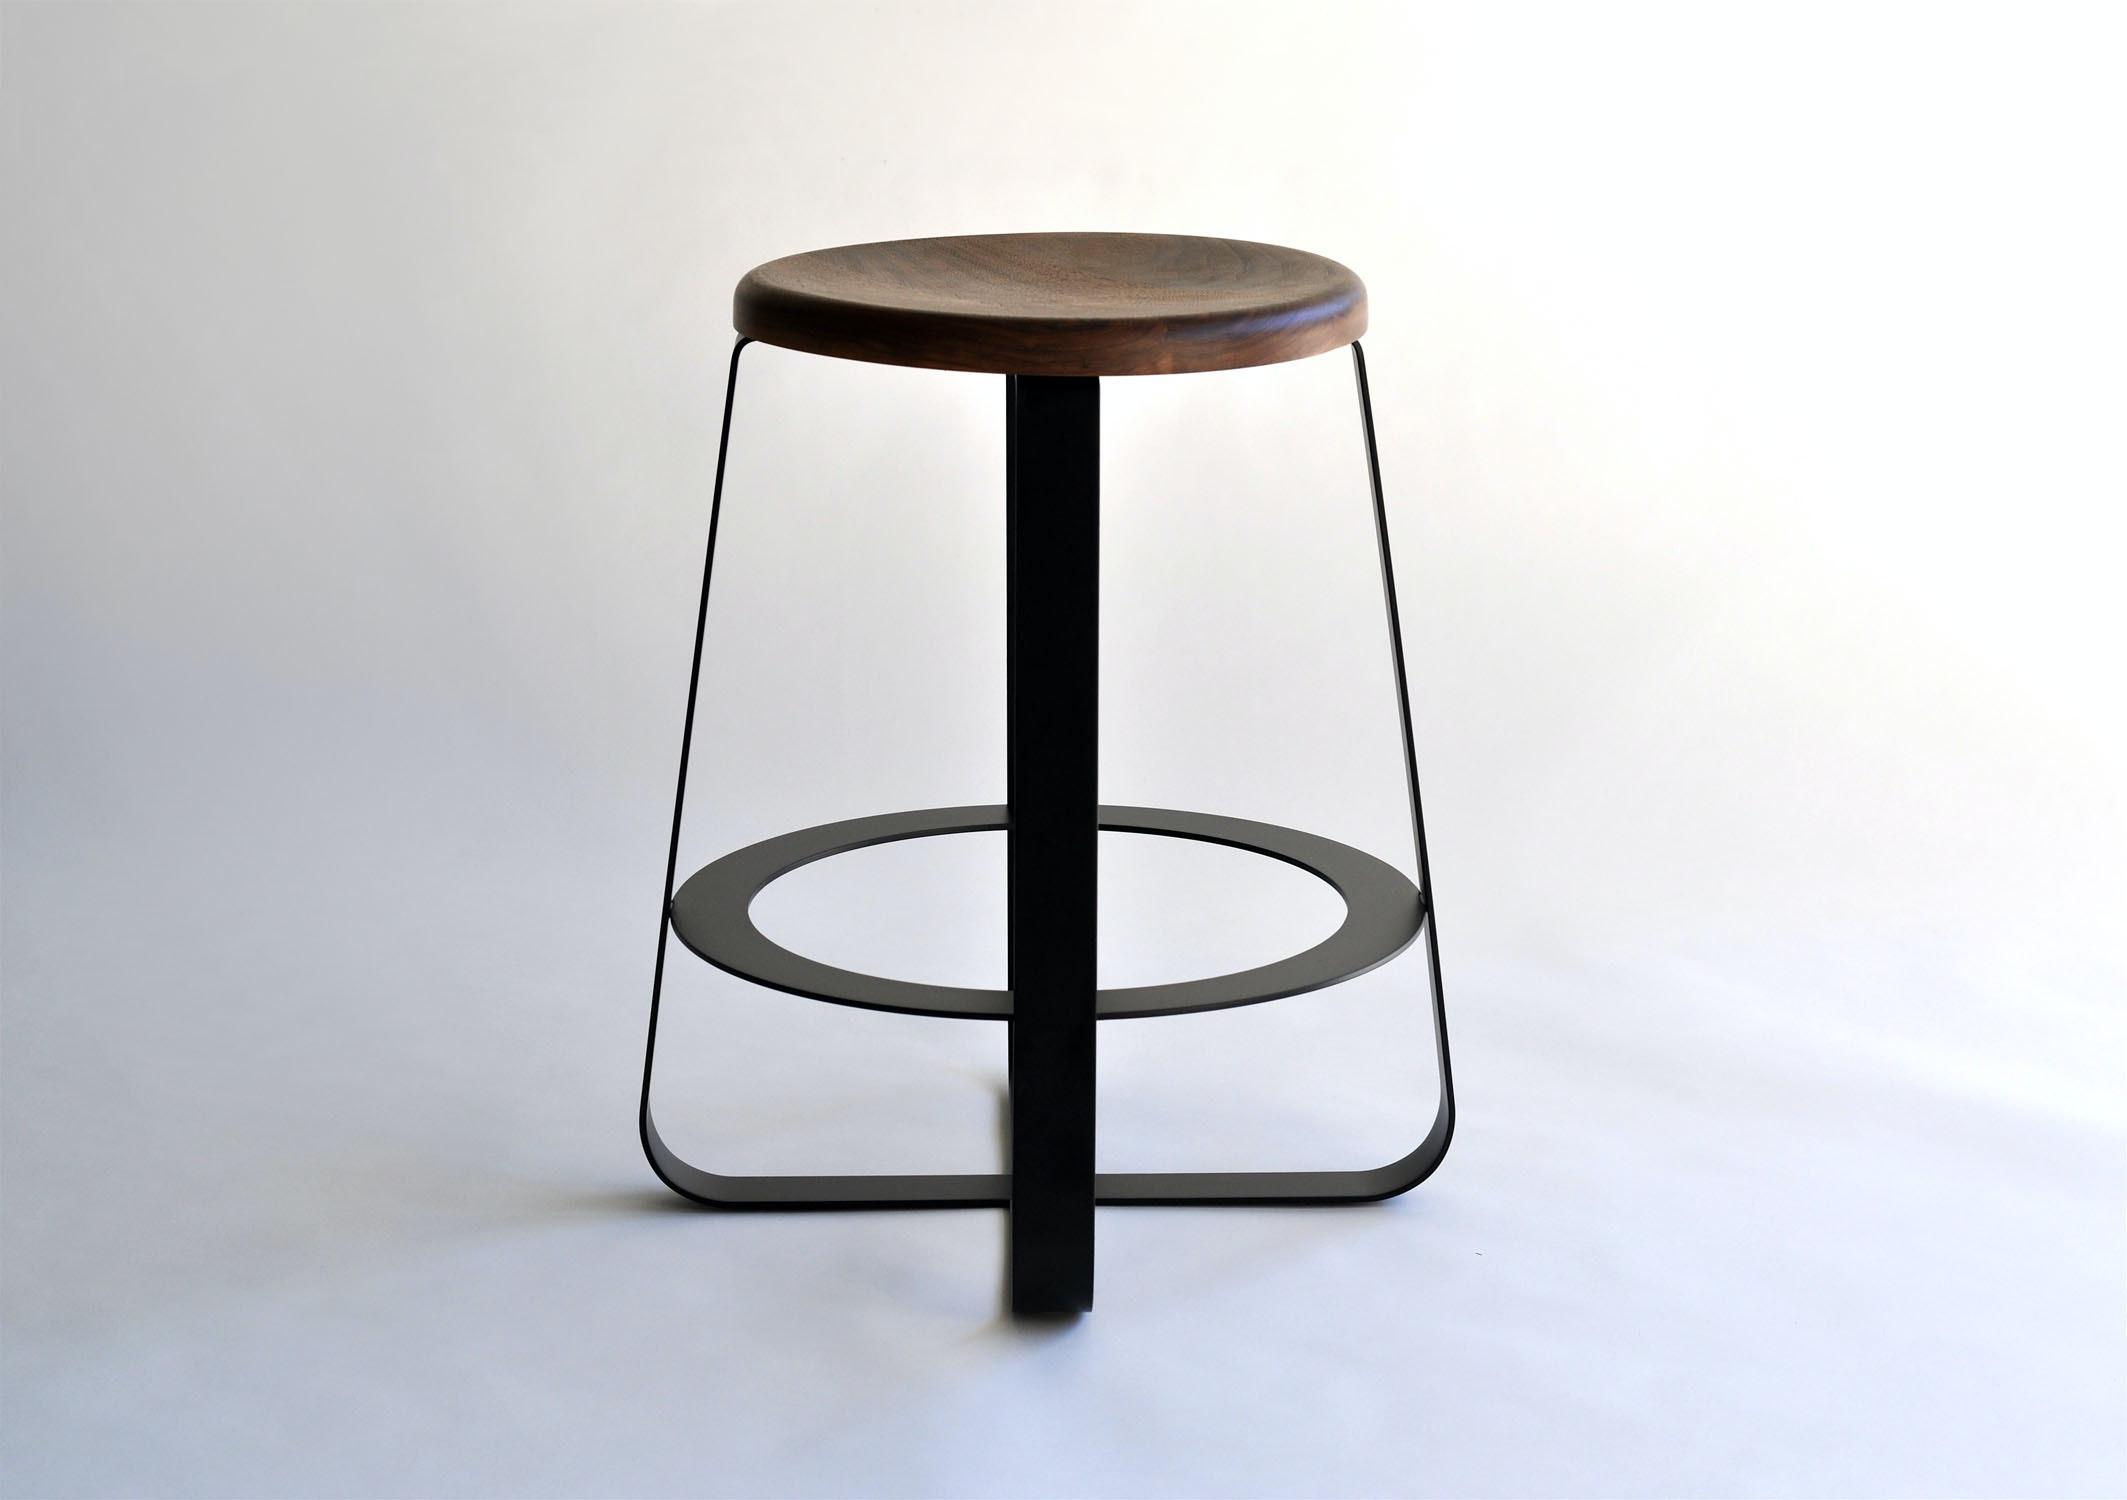 Phase Design Reza Feiz Primi Counter Stool 2